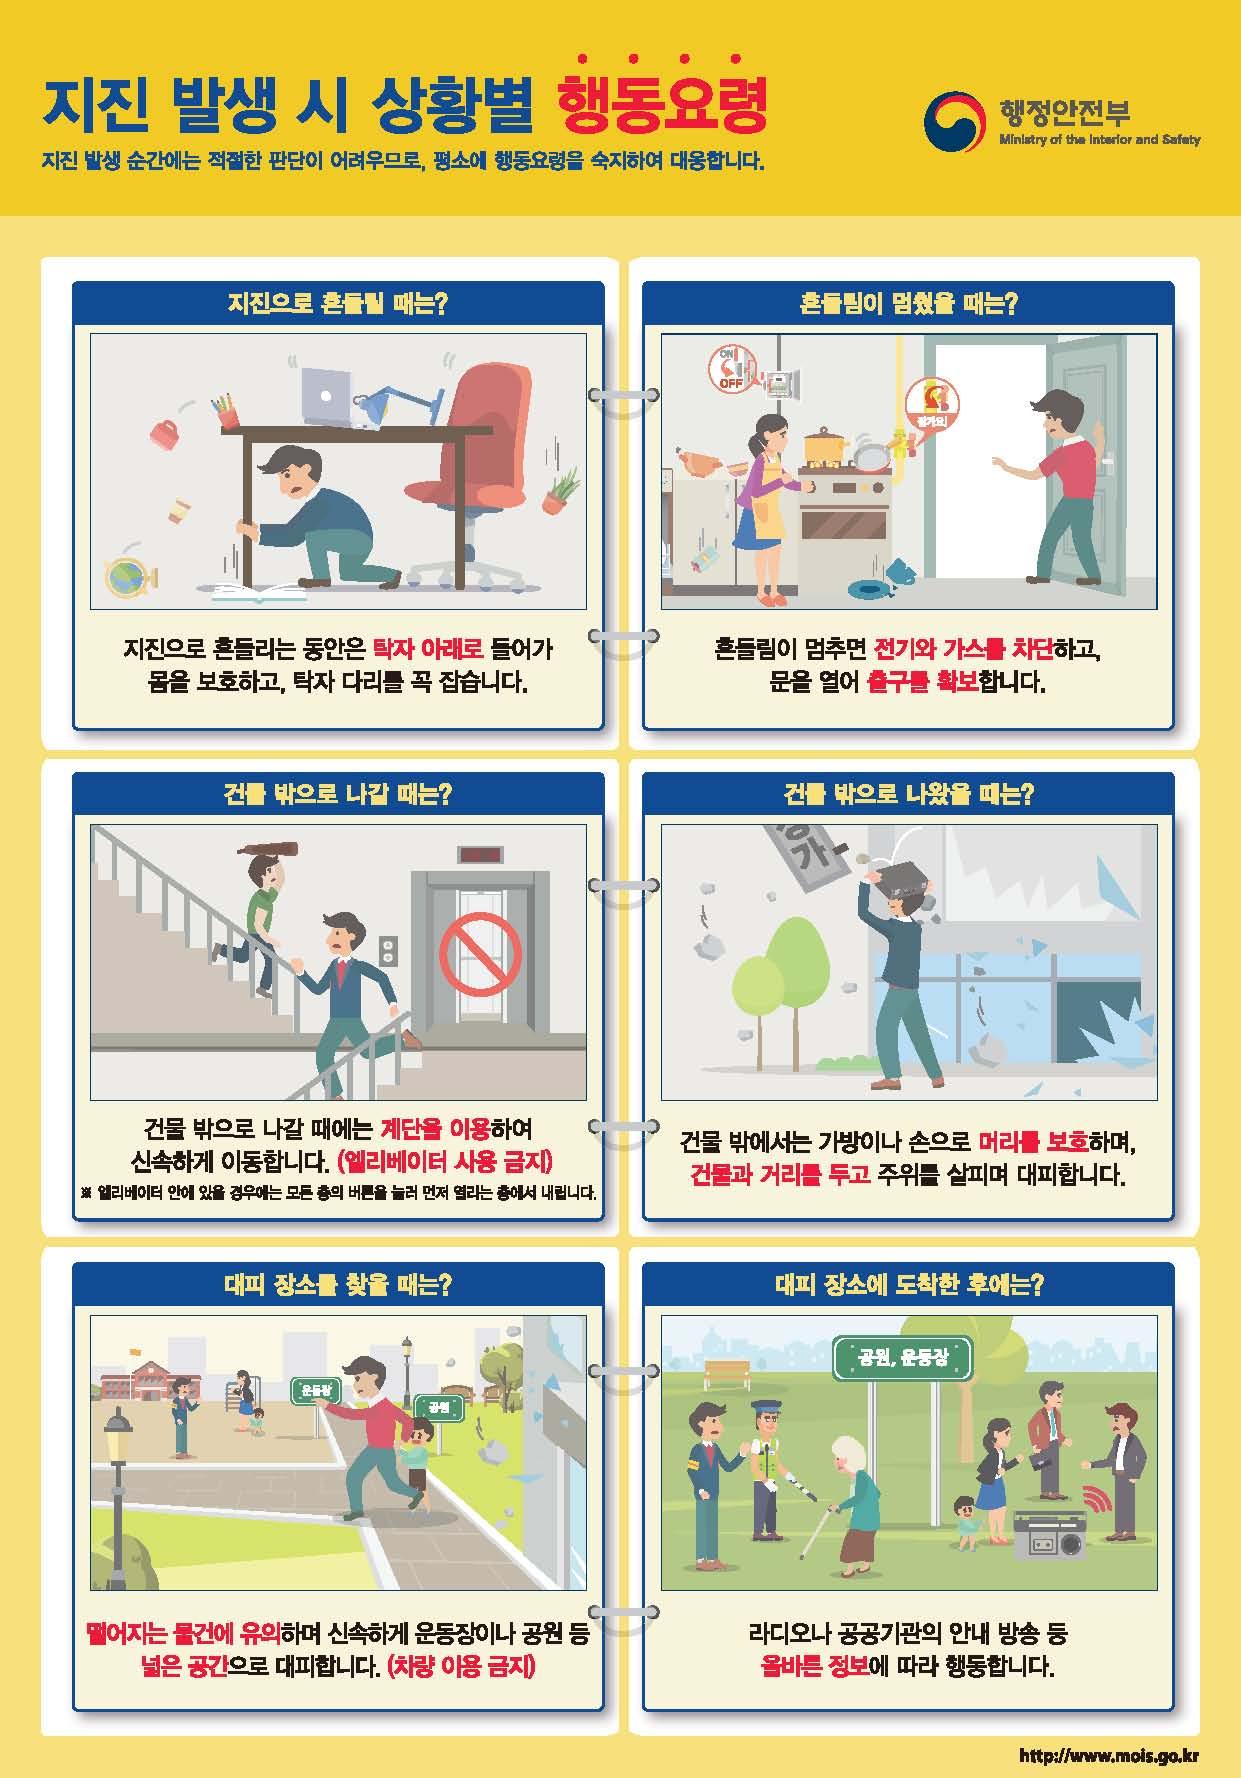 지진 발생시 상황별 행동요령.jpg